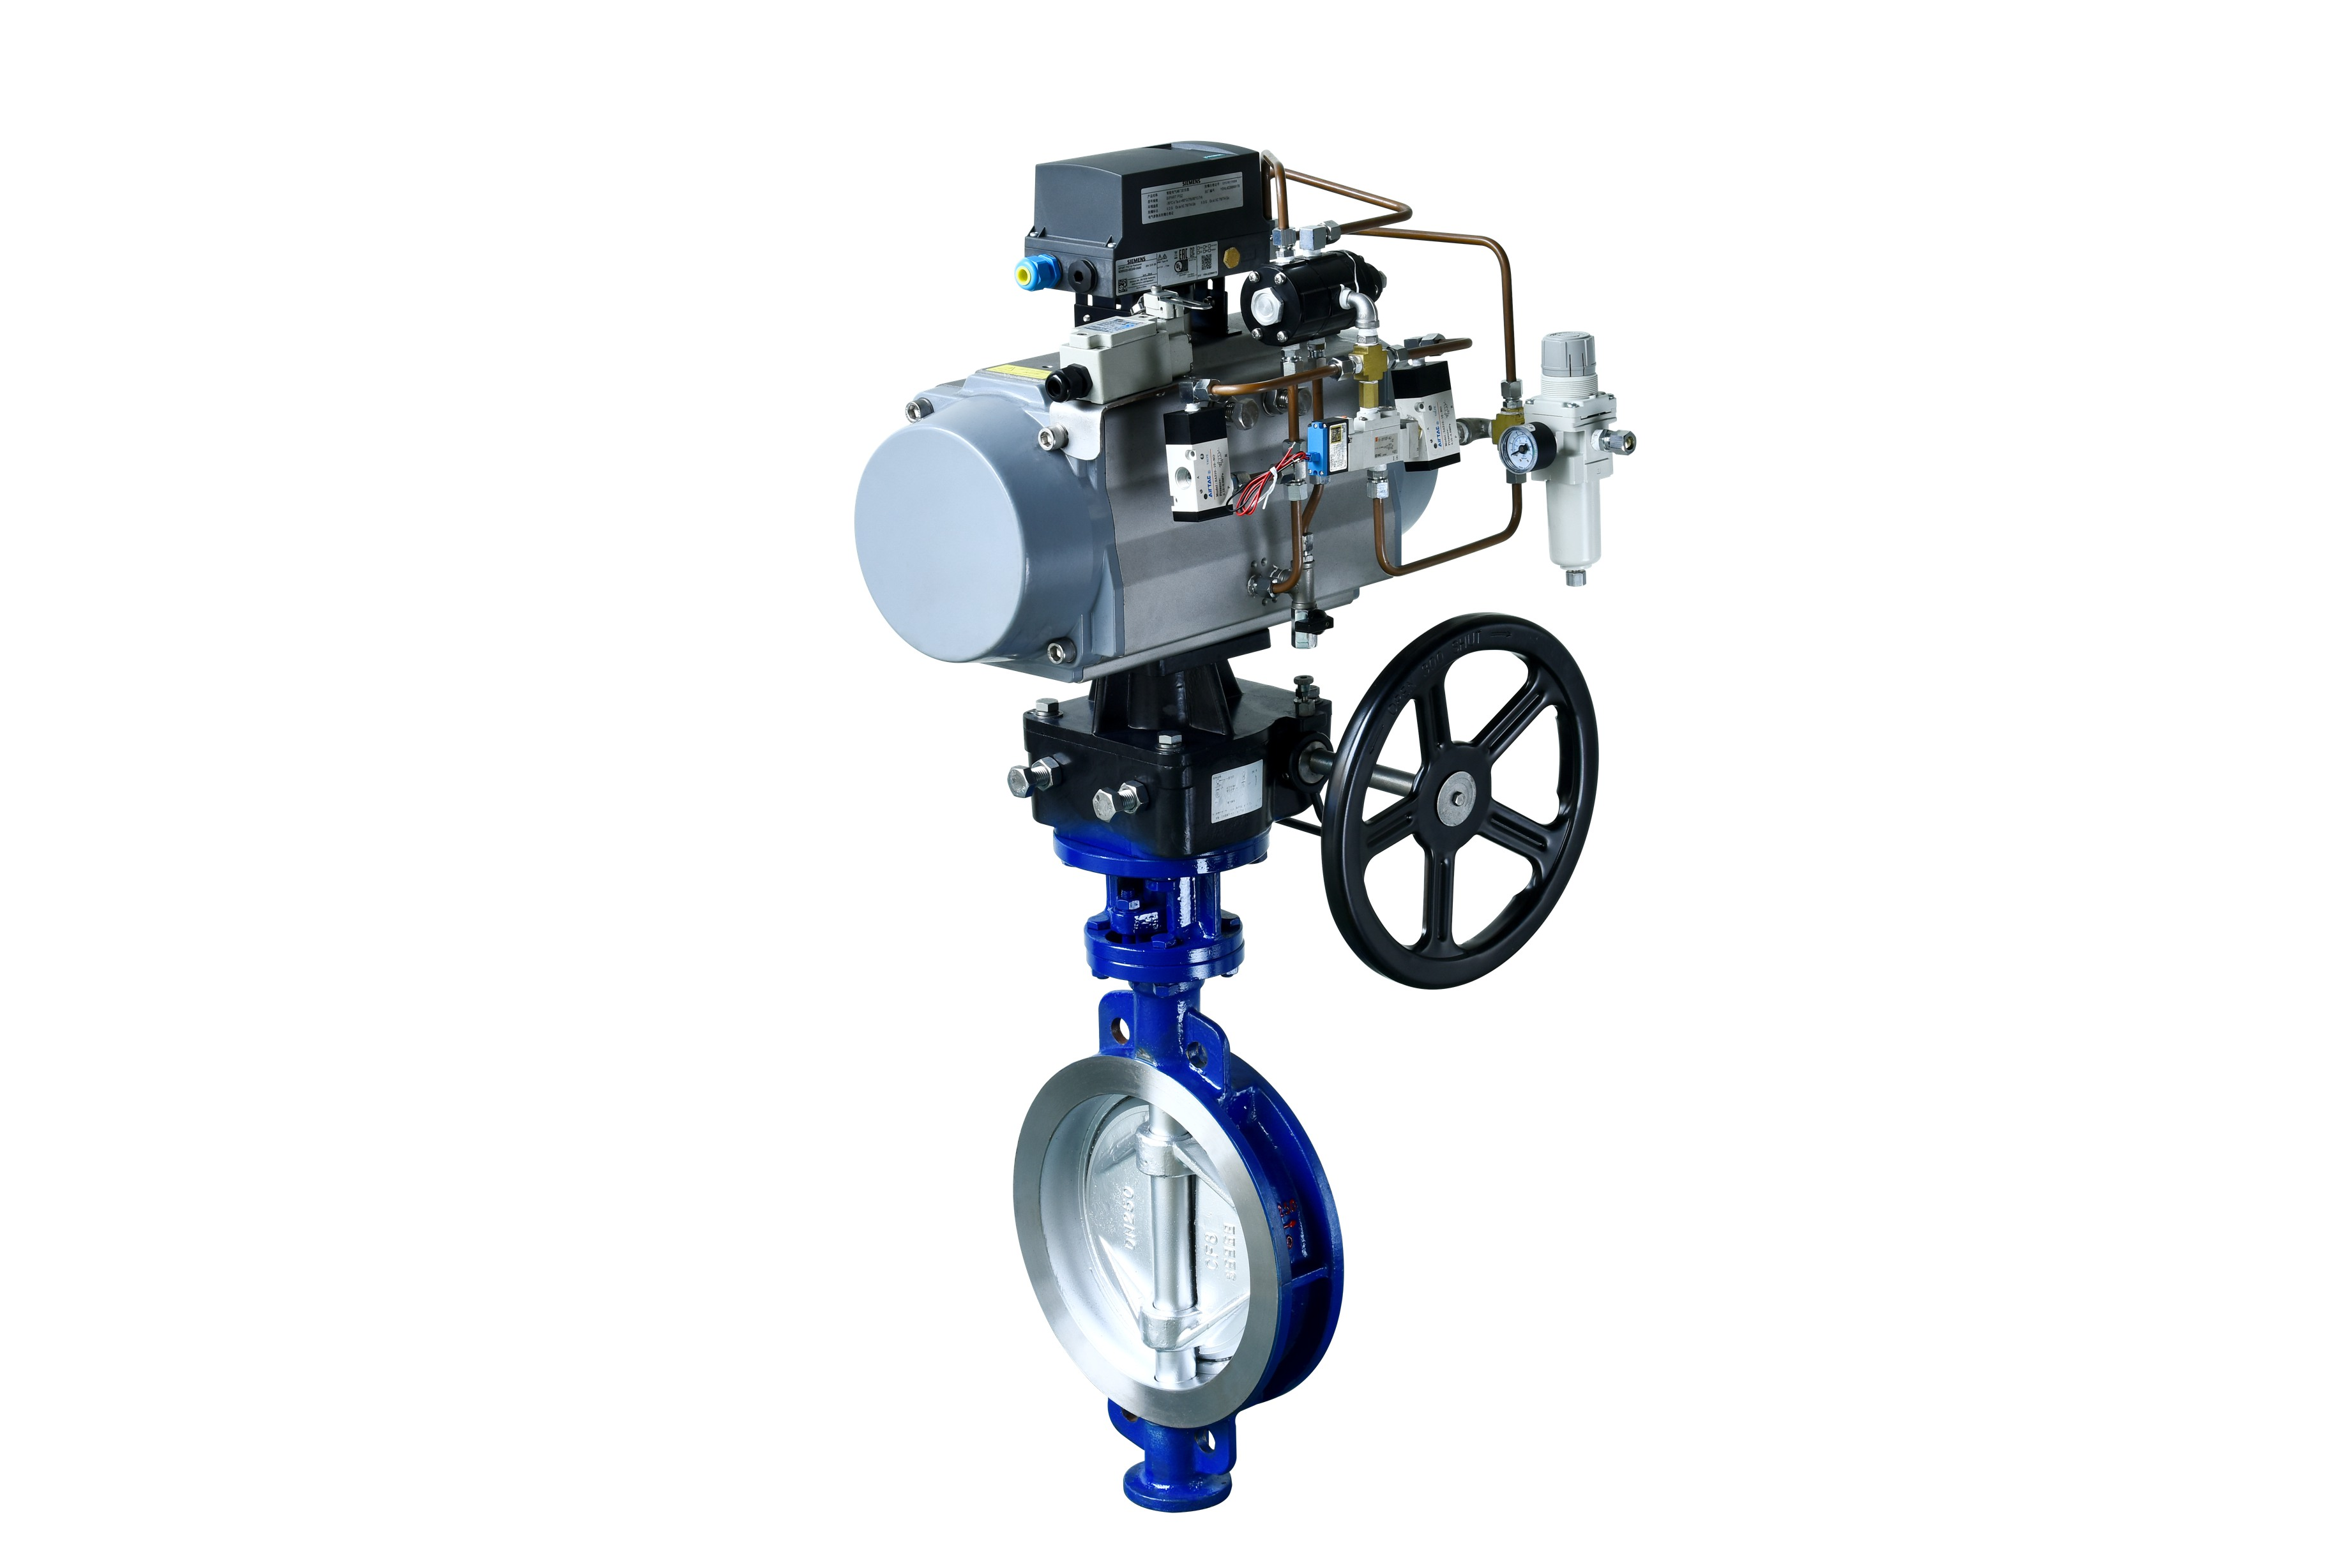 偏心型高性能开关蝶阀 GTZSHWm-6C DN250 710E 阀体、阀板WCB 电磁阀(ASSO)220V 单作用气缸----